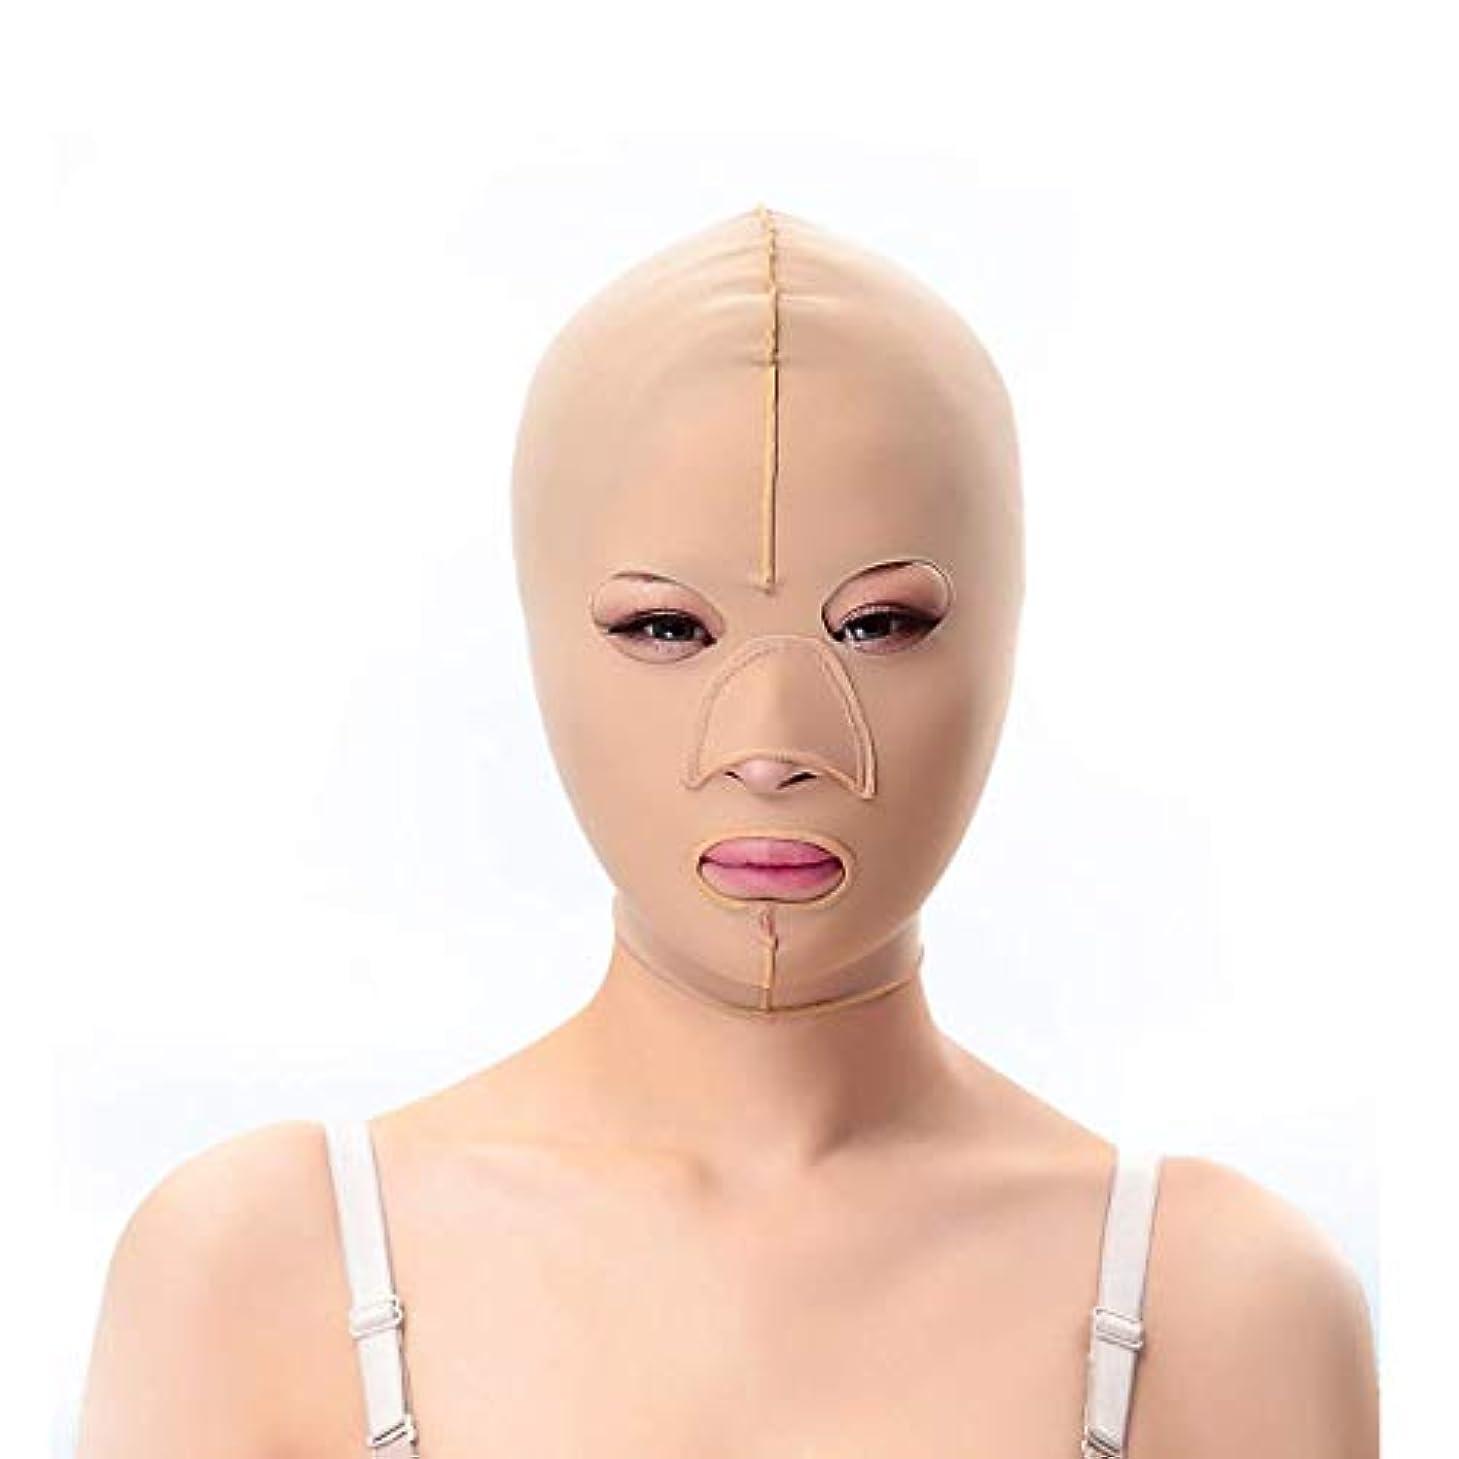 ブラスト一口スナックスリミングベルト、二重あごの引き締め顔のプラスチックフェイスアーティファクト強力なフェイス包帯を脇に持ち上げるパターンを欺くためのフェイシャルマスクシンフェイスマスク(サイズ:L),ザ?